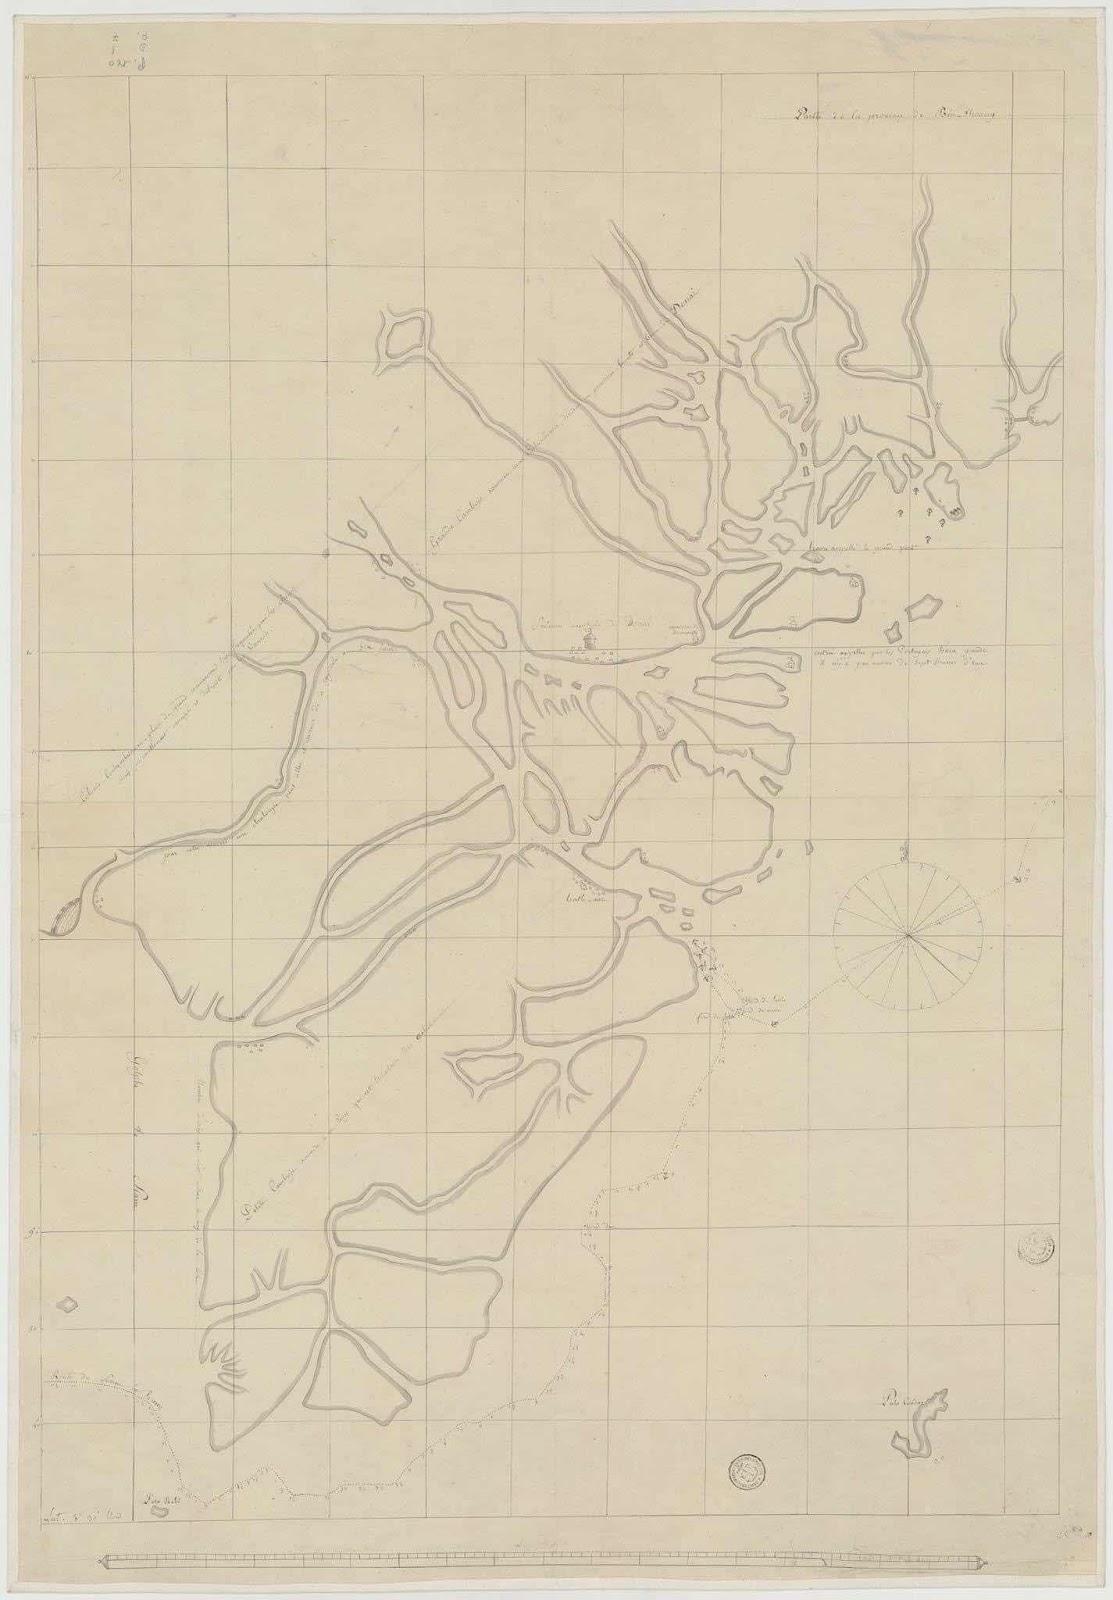 Một tấm bản đồ cực quý có tên Saigon và Đồng Nai năm 1687